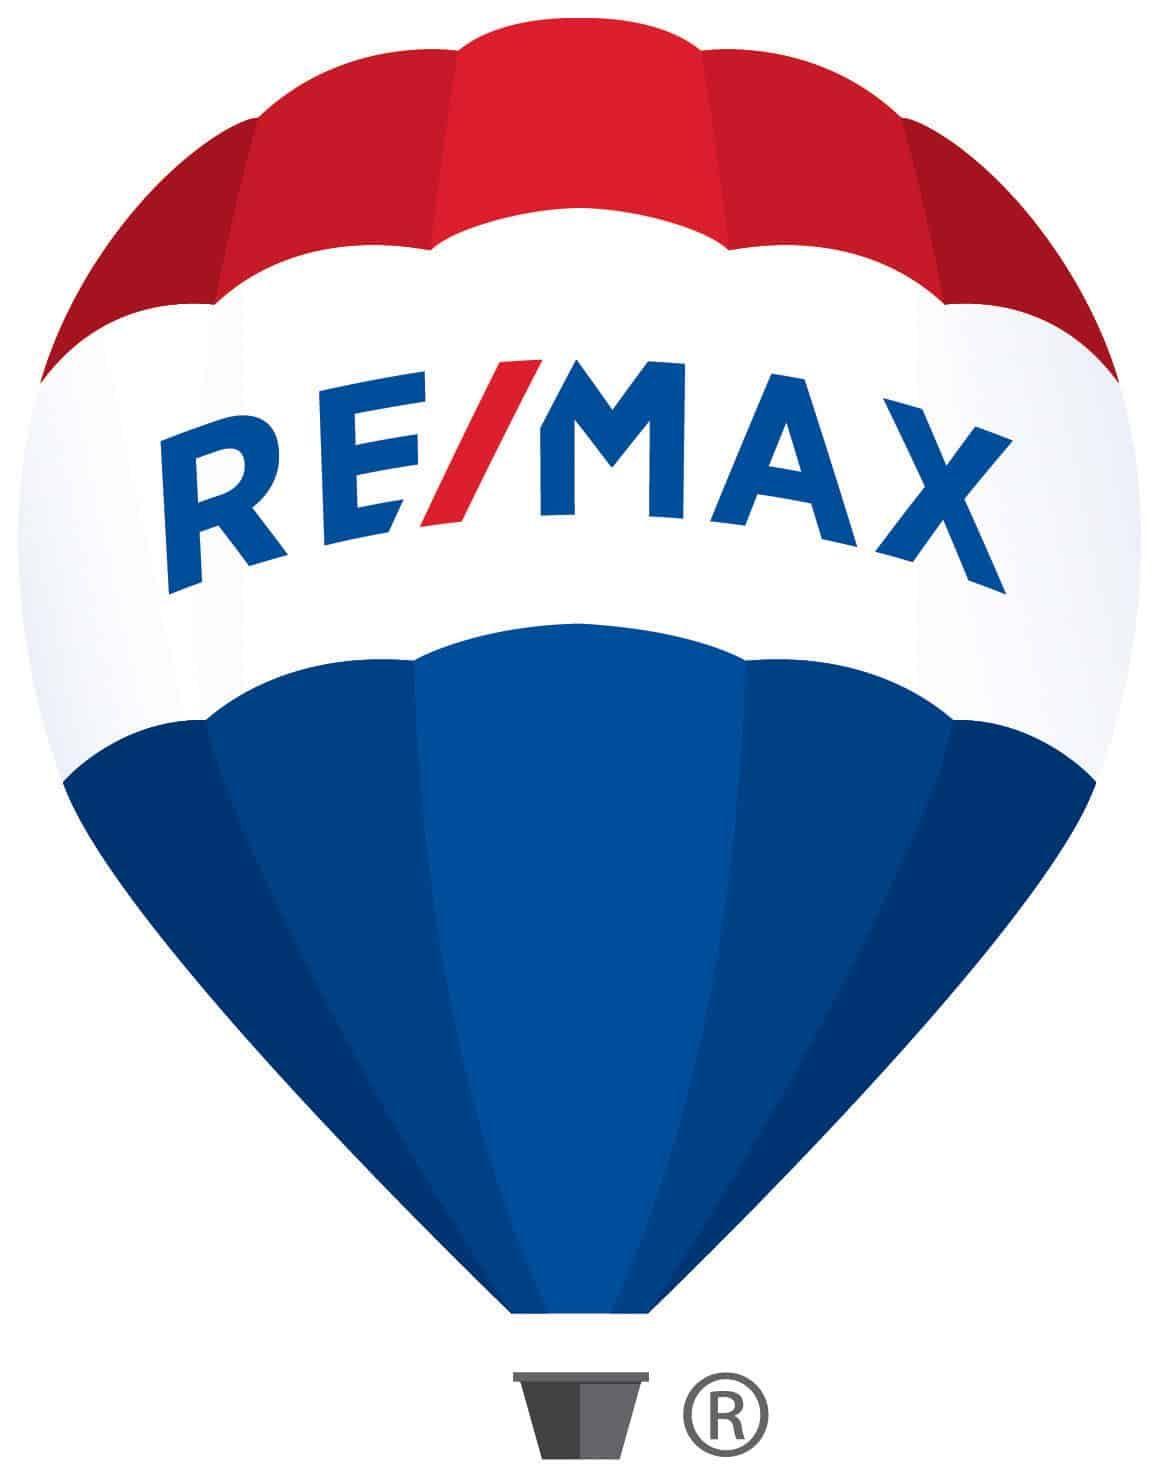 Las Vegas Nv Real Estate Con Imagenes Marketing Inmobiliario Agente Inmobiliario Marketing En Espanol